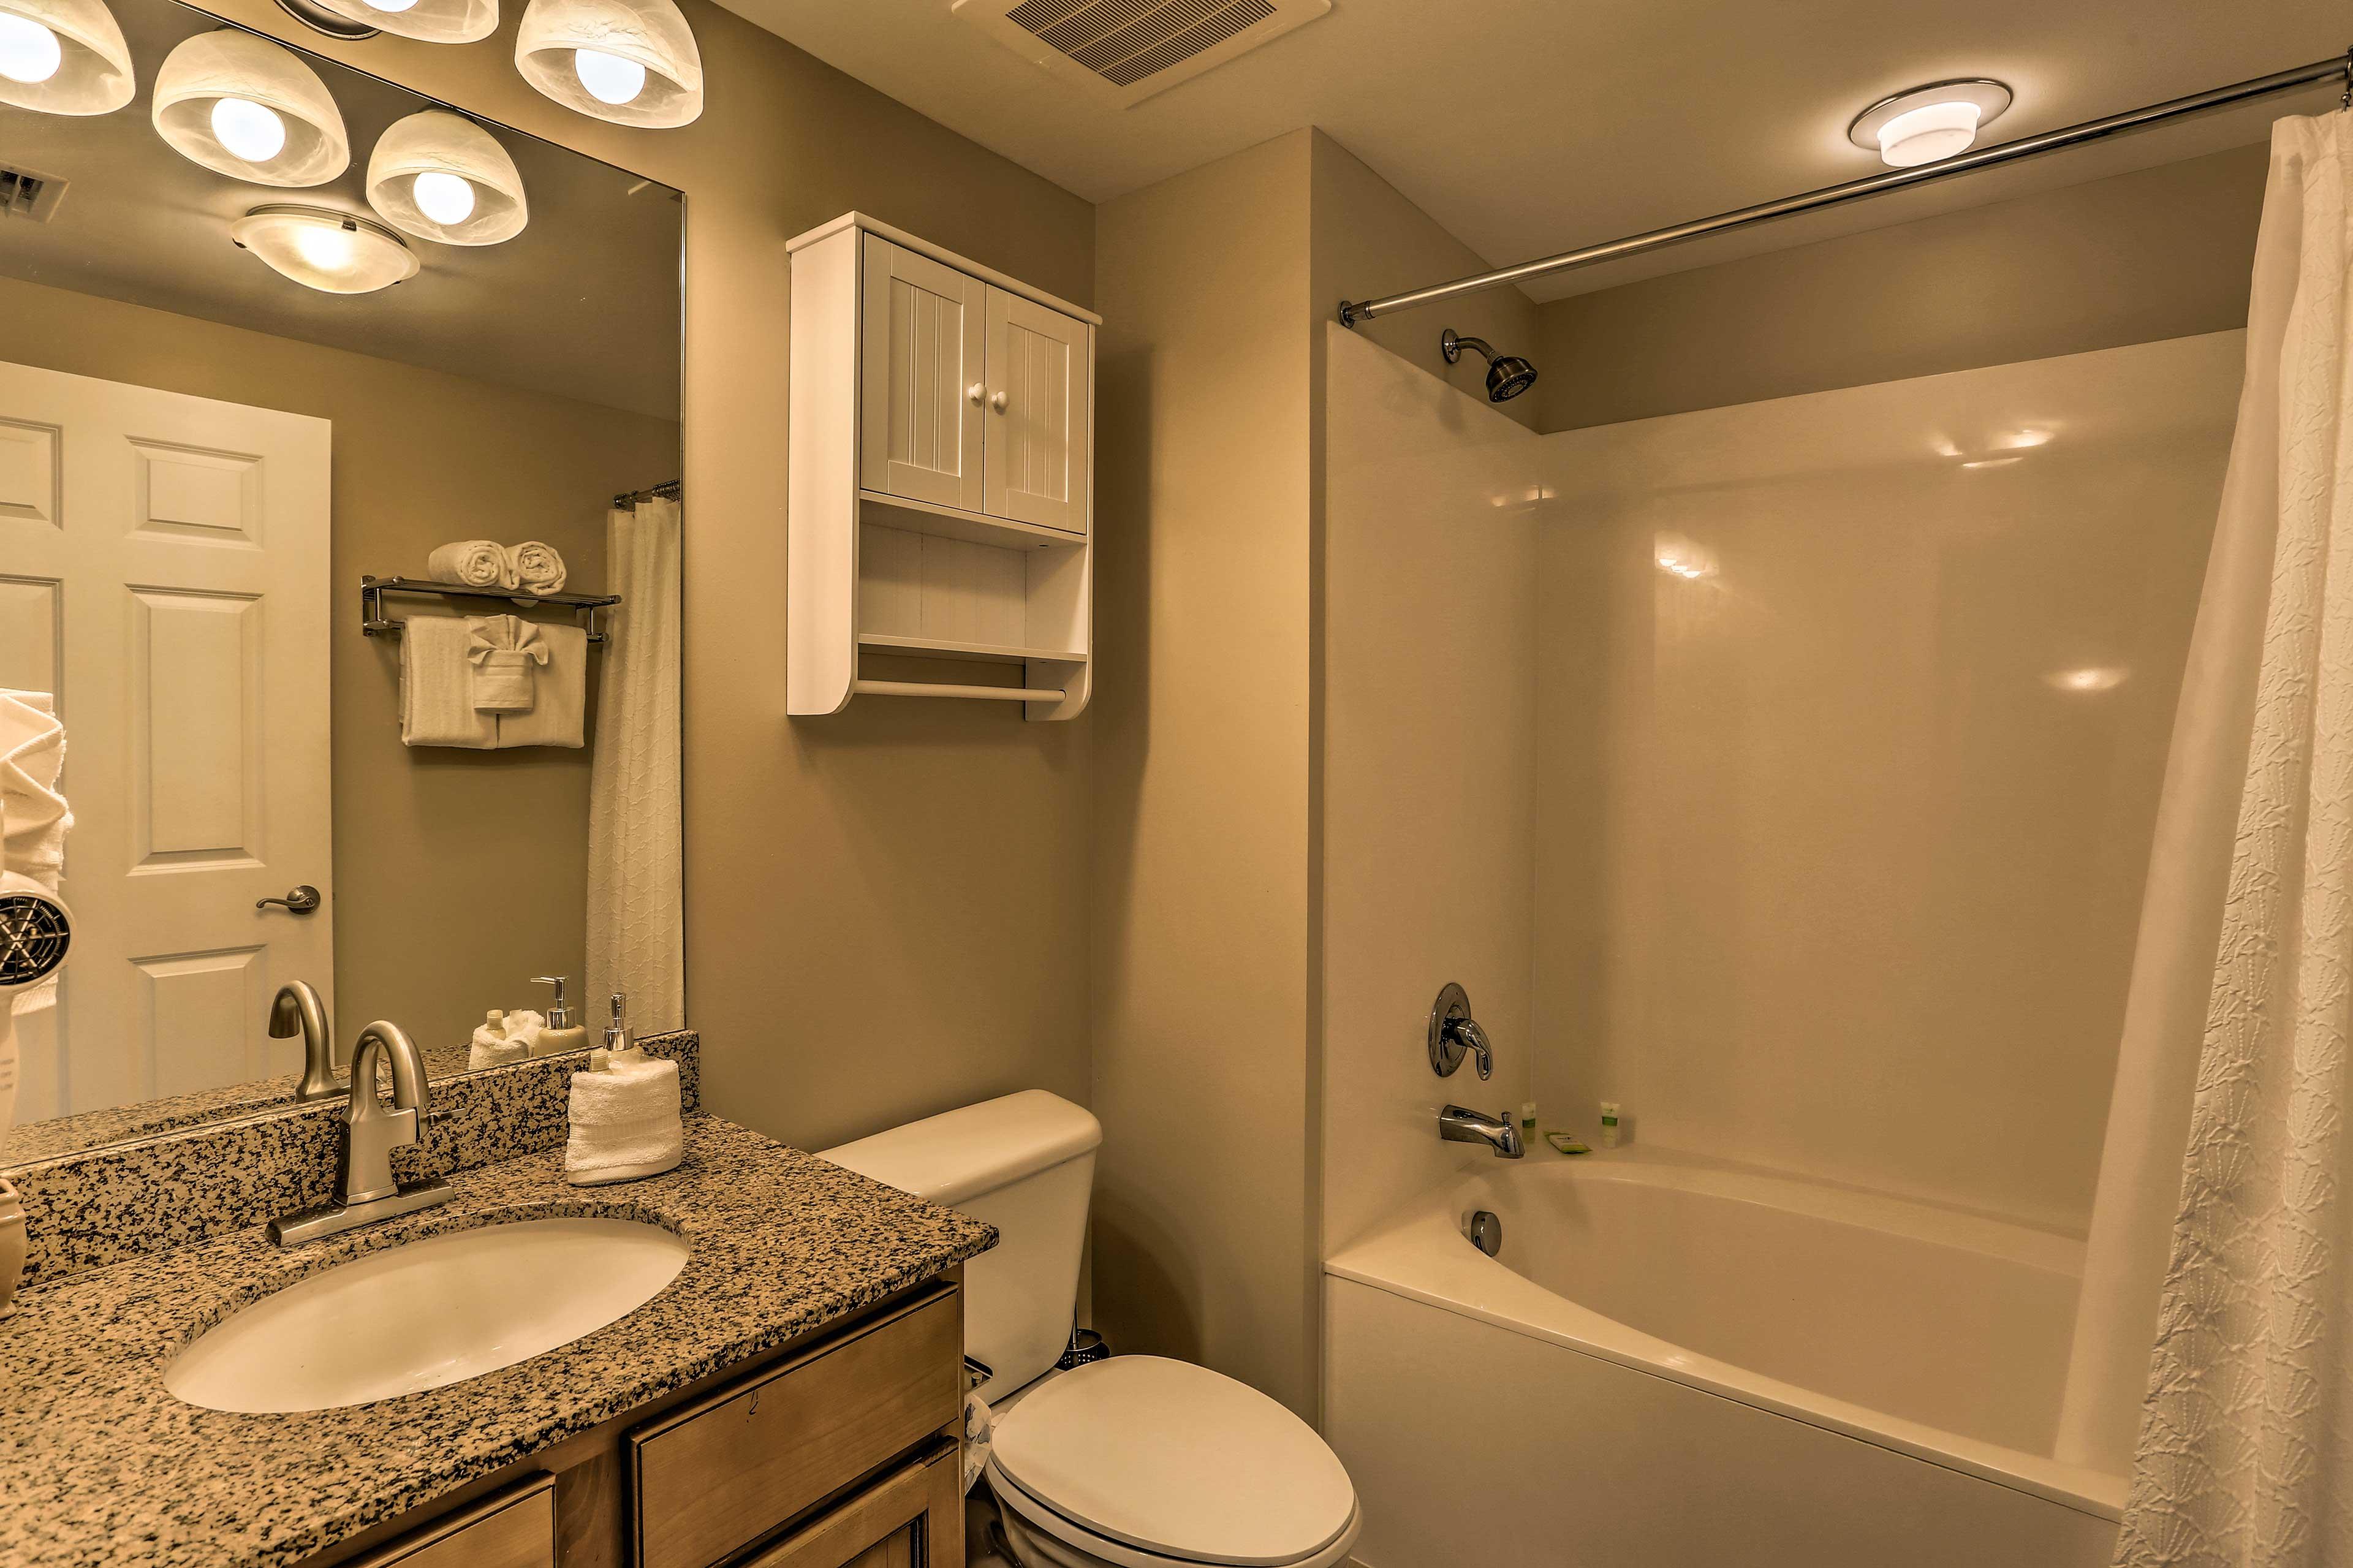 There are 2 pristine bathrooms in the condo.